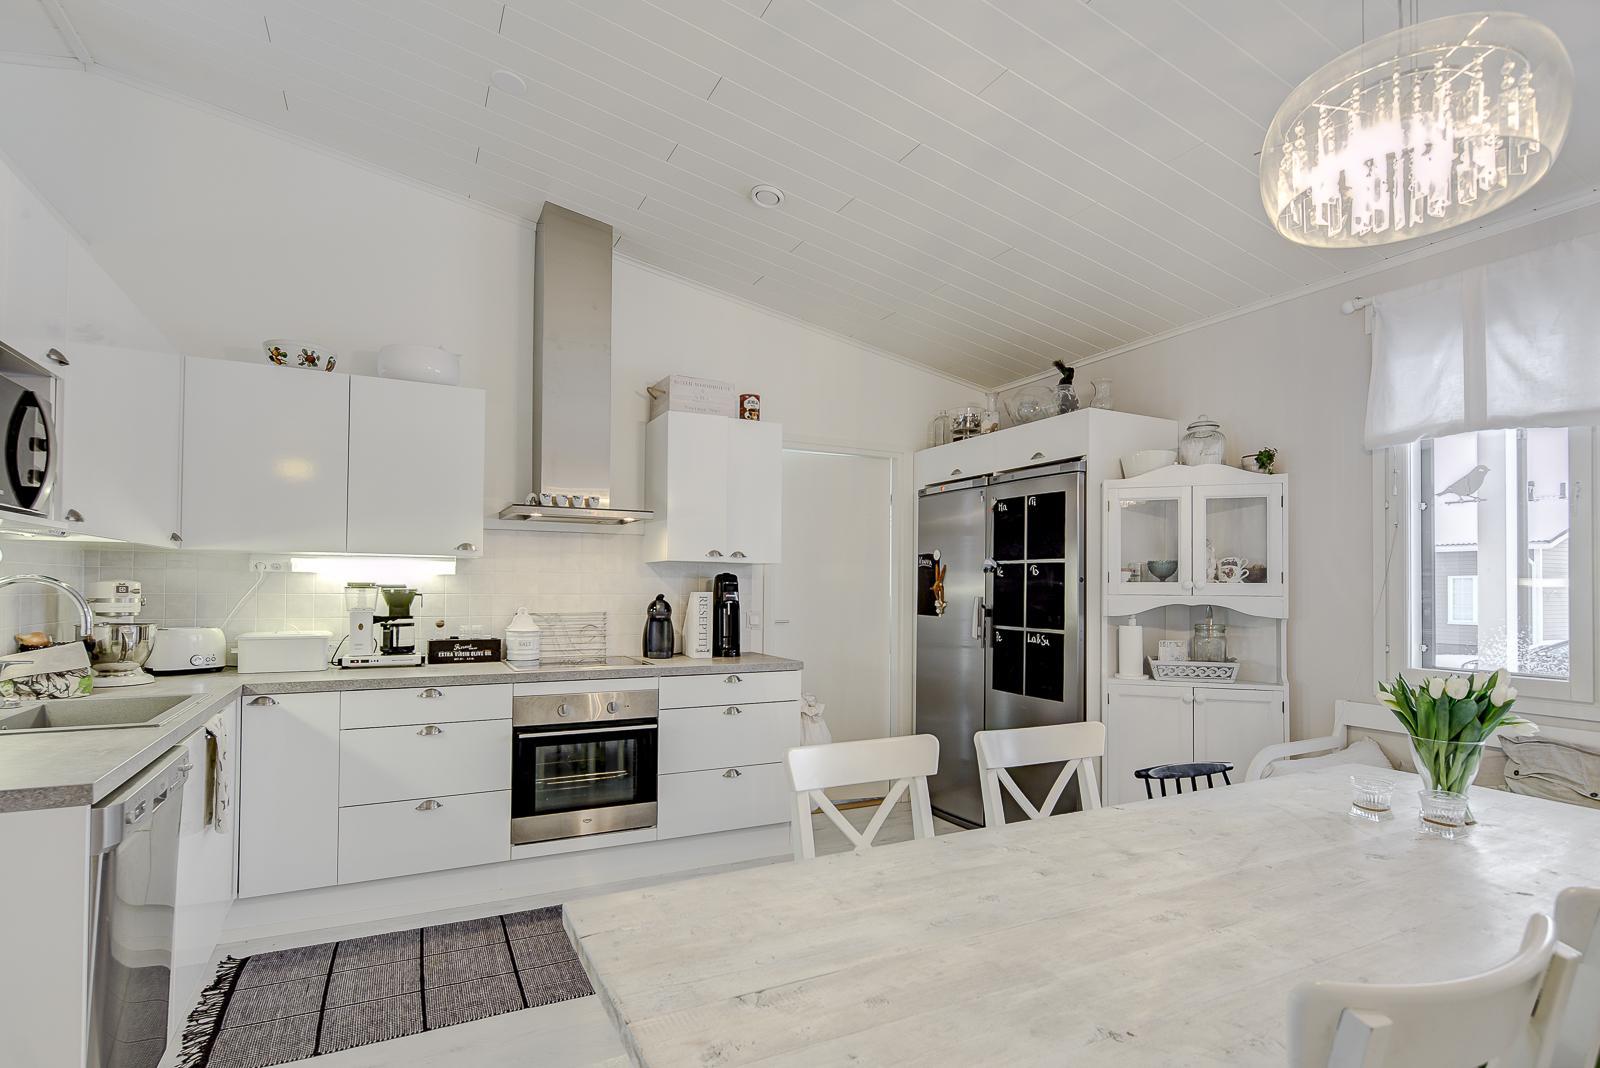 Maalaisromanttinen keittiö  Etuovi com Ideat & vinkit